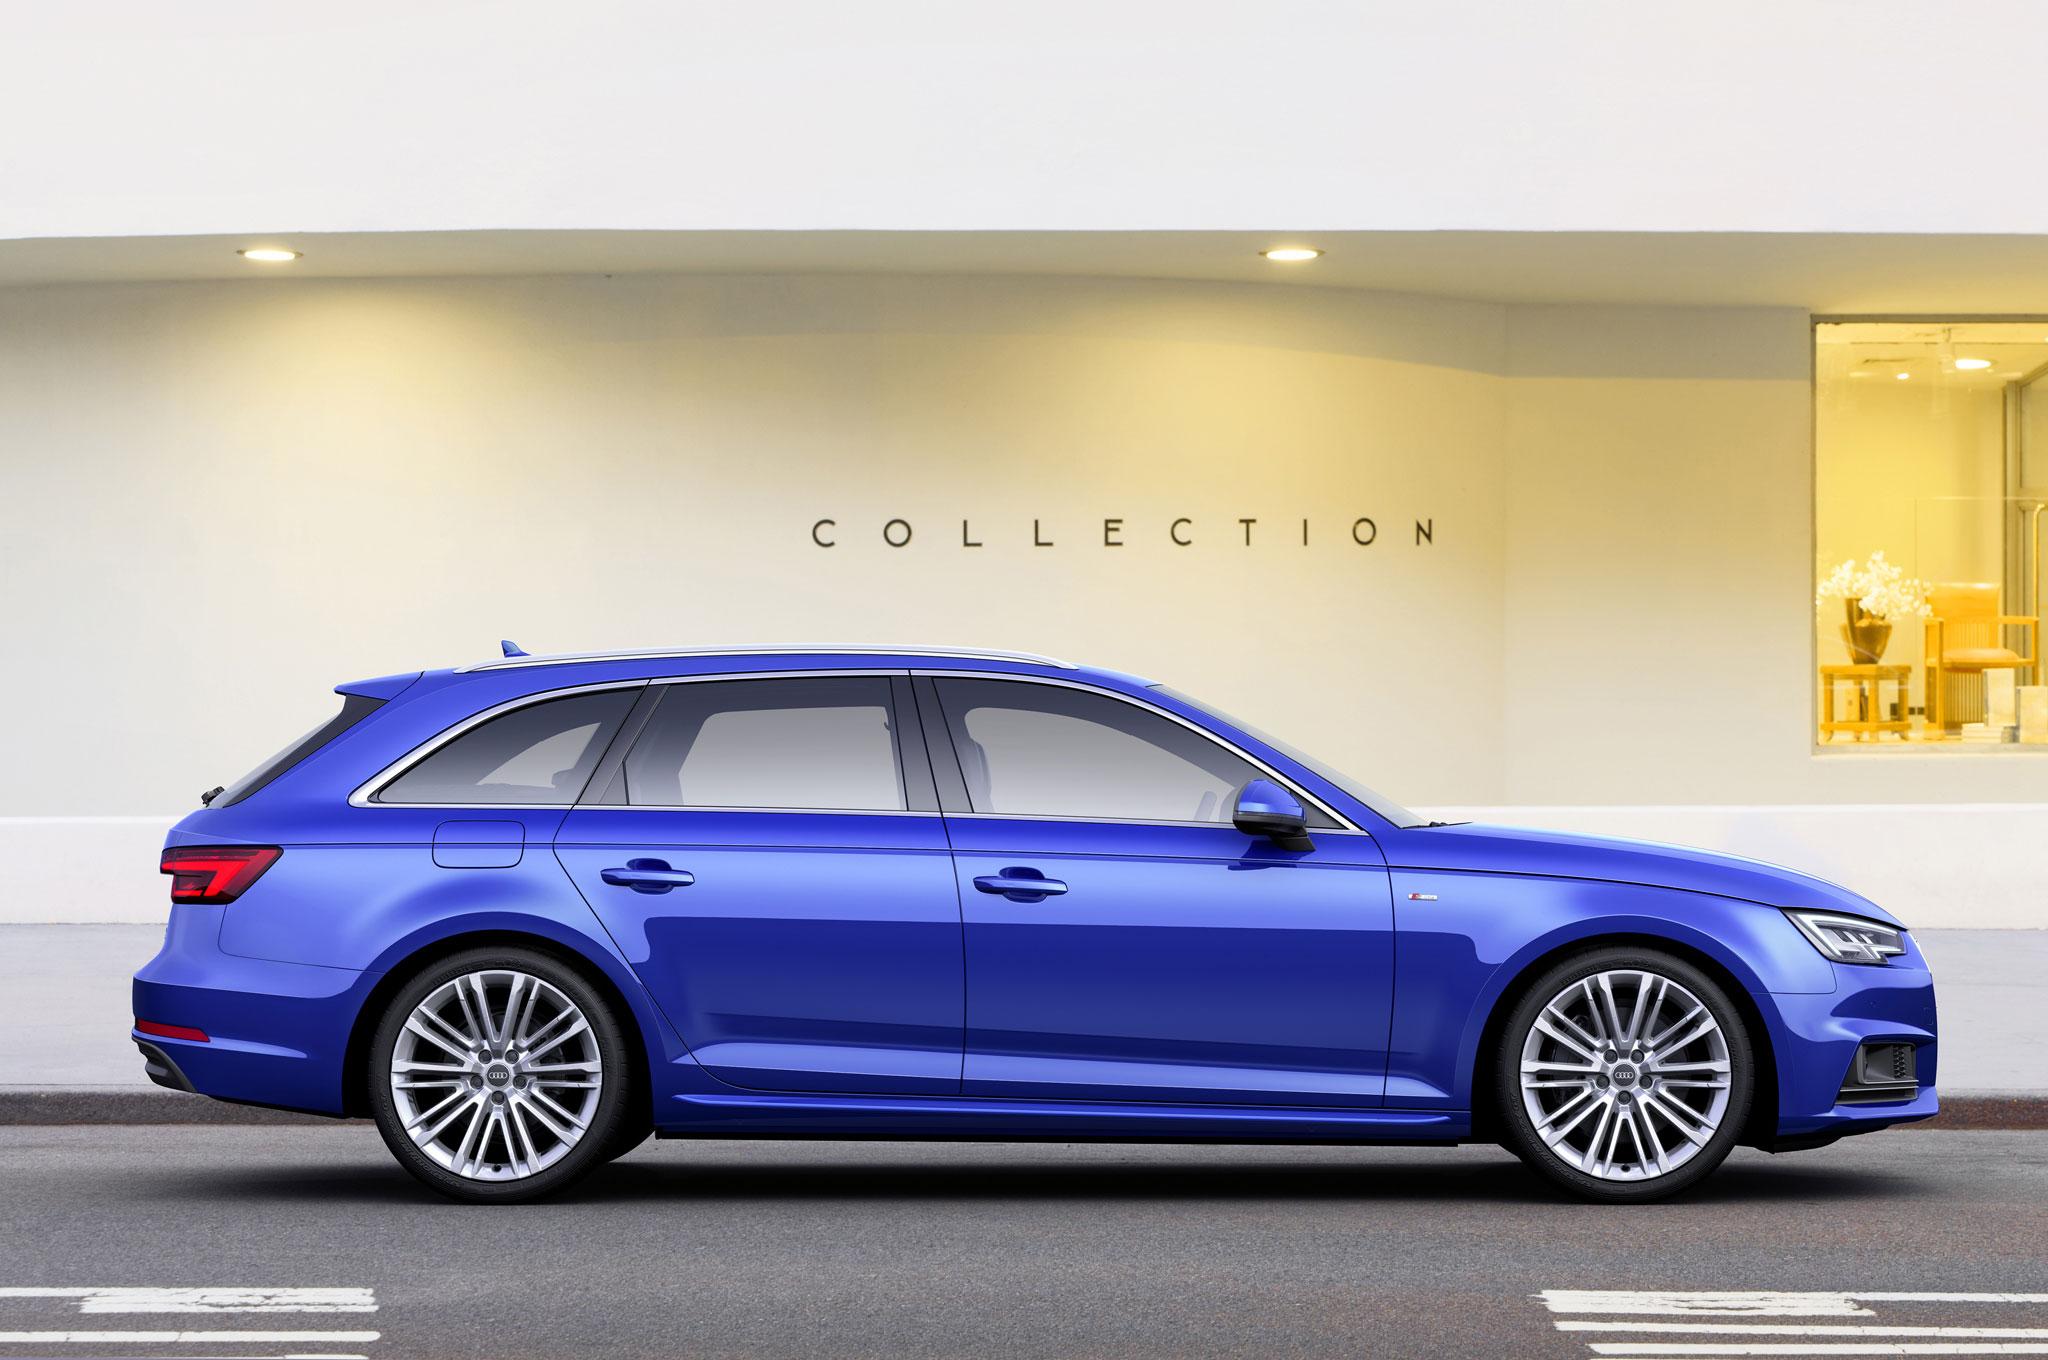 2017 Audi A4 Avant 3 0 Tdi Quattro Side Profile 02